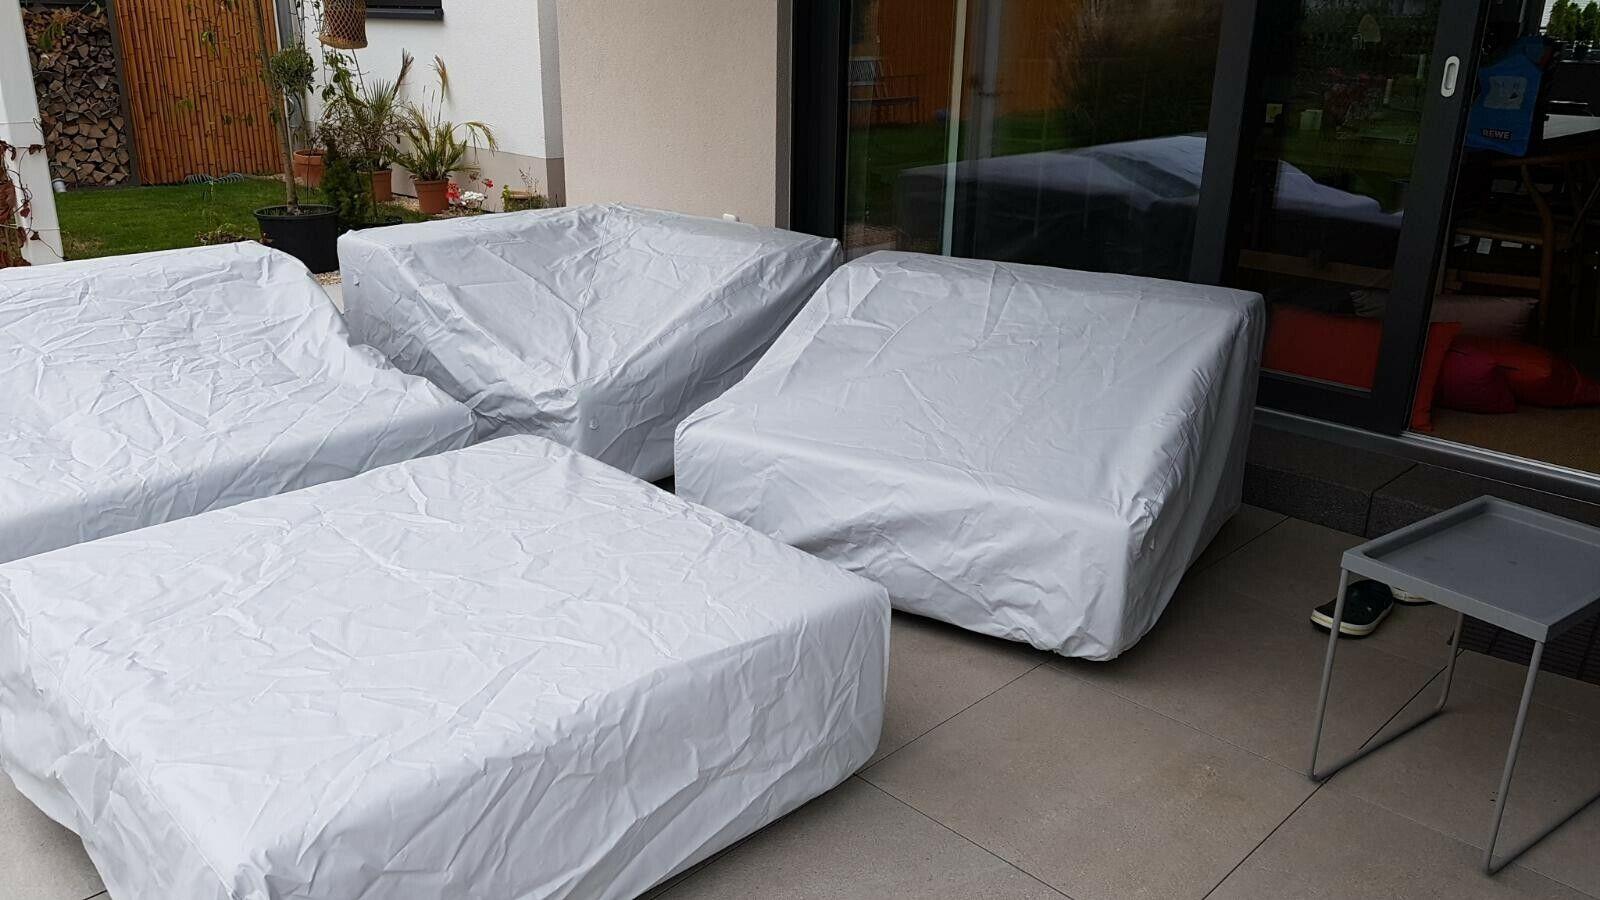 4 Hussen für die LOOP Gartenmöbel von april furniture ++ Persenning ++ perlgrau